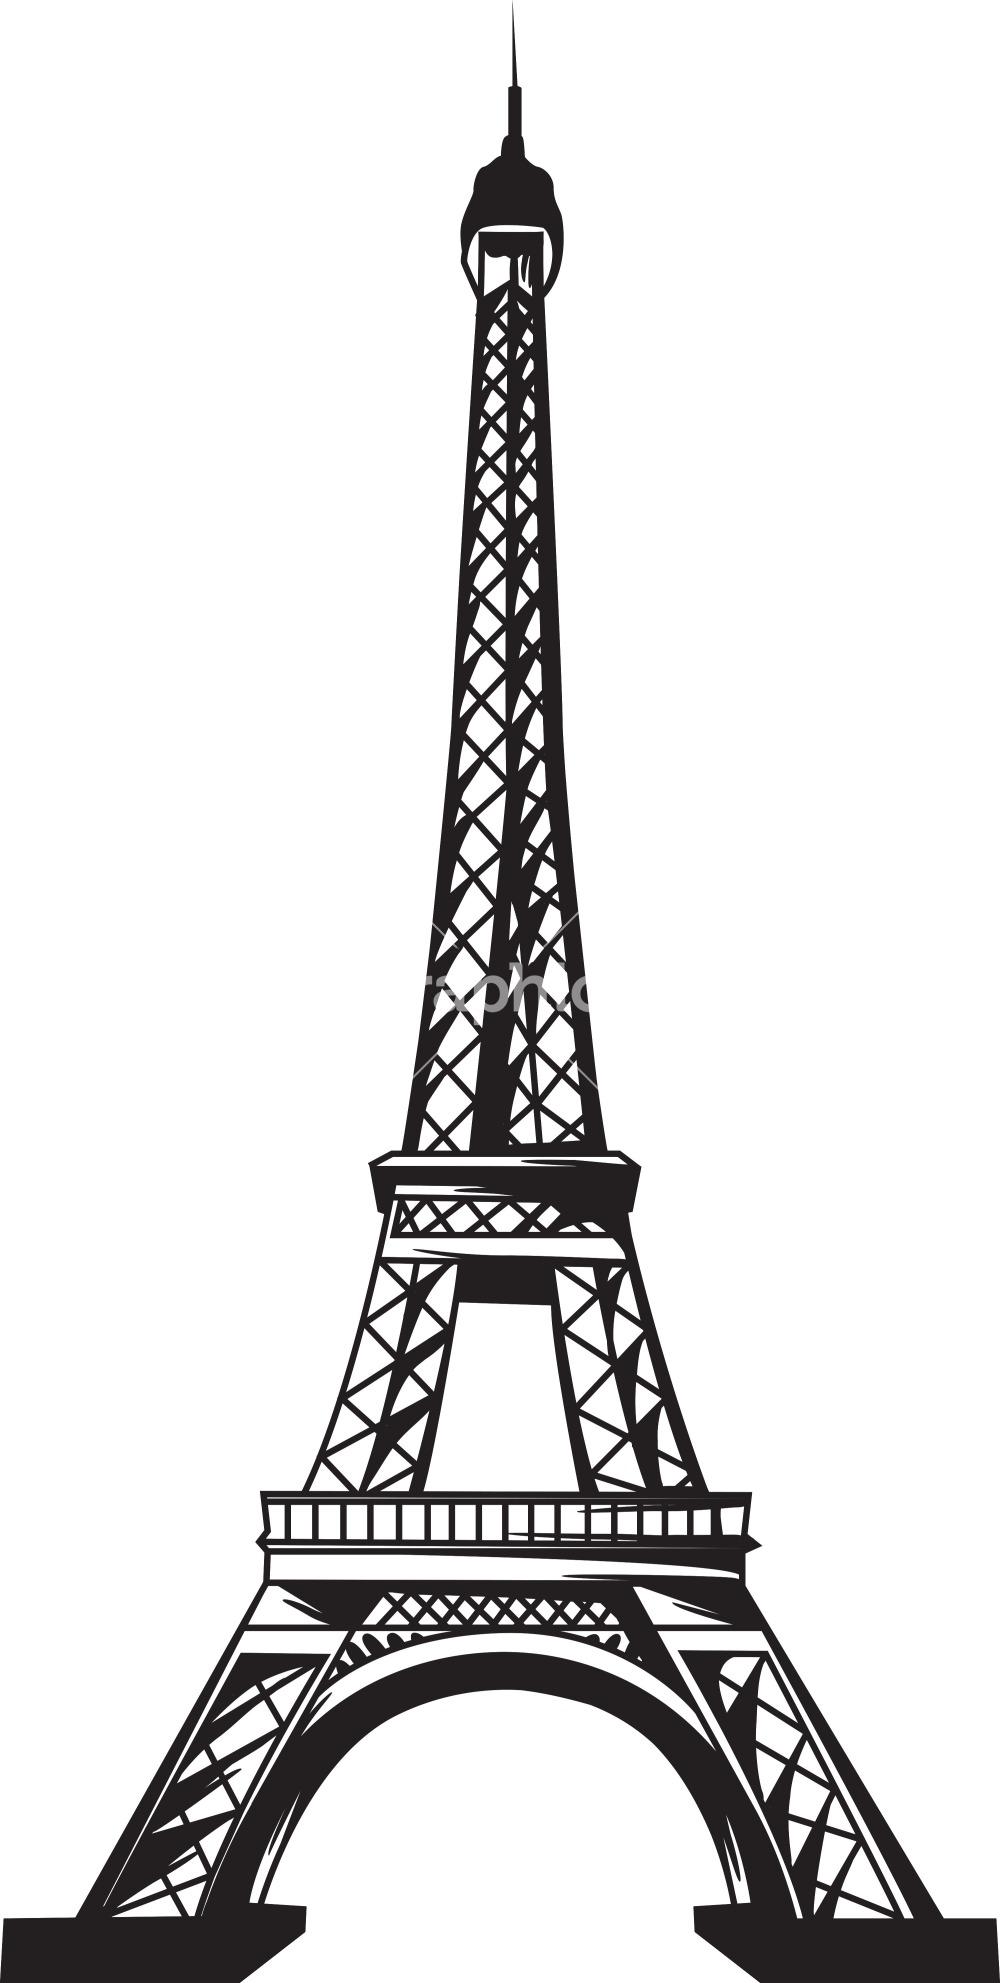 Tour Eiffel Disegno Da Colorare Stampae Colorare Disegni Da Colorare Disegno Torre Eiffel Disegno Parigi